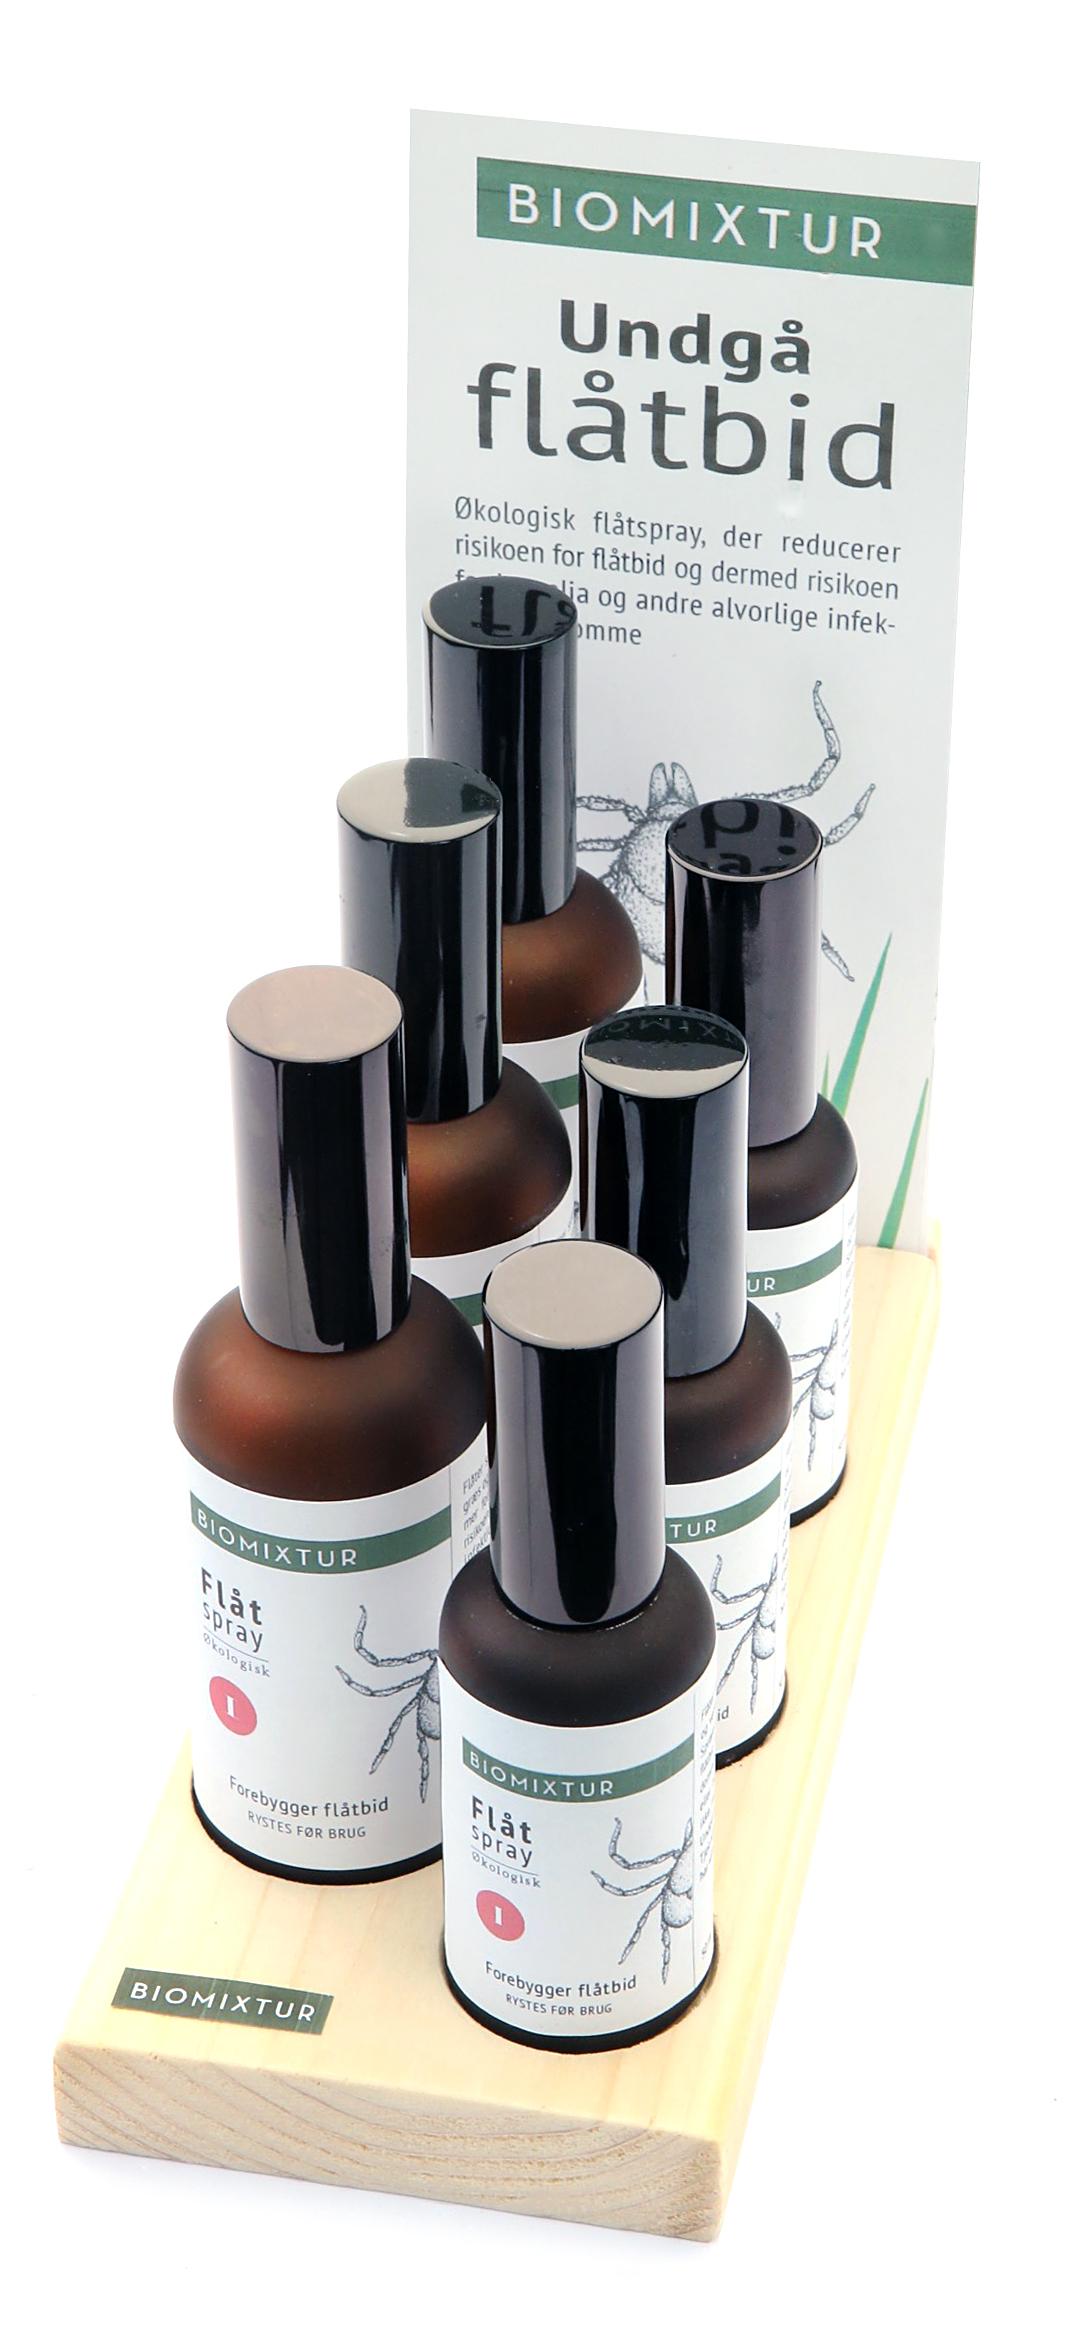 Biomixtur display (indgår i startkasse med 2 x 12 flasker samt brochurer)